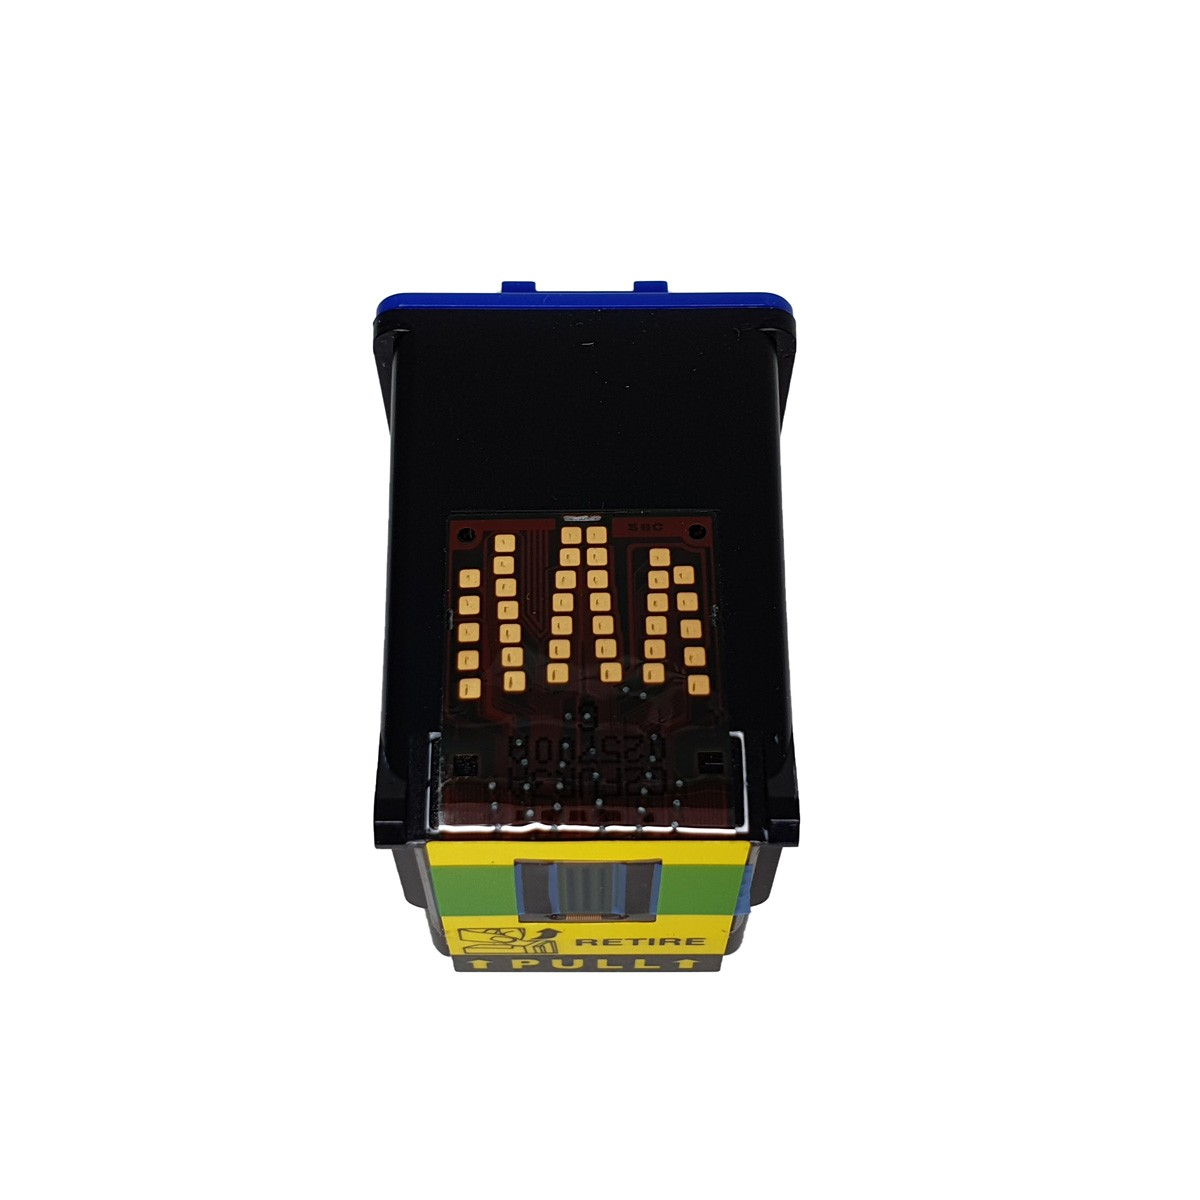 Cartucho MJ 22 28 57 Compatível C9352al Preto para D1360 F4180 D1455 da HP